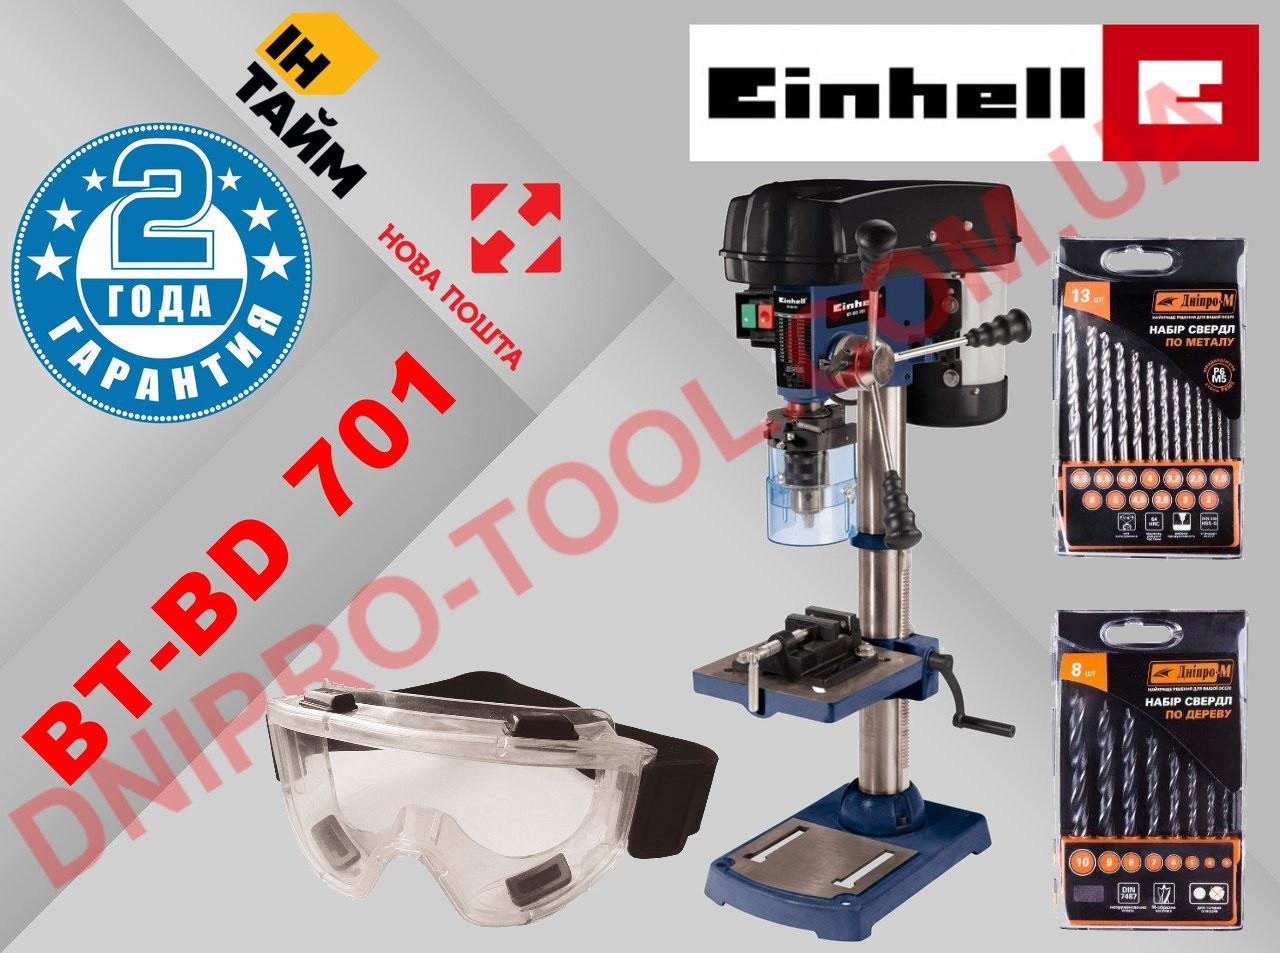 Настольный сверлильный станок Einhell BT-BD 701 (По металлу дереву 401 501 801 TE-BD 750 E Германия)